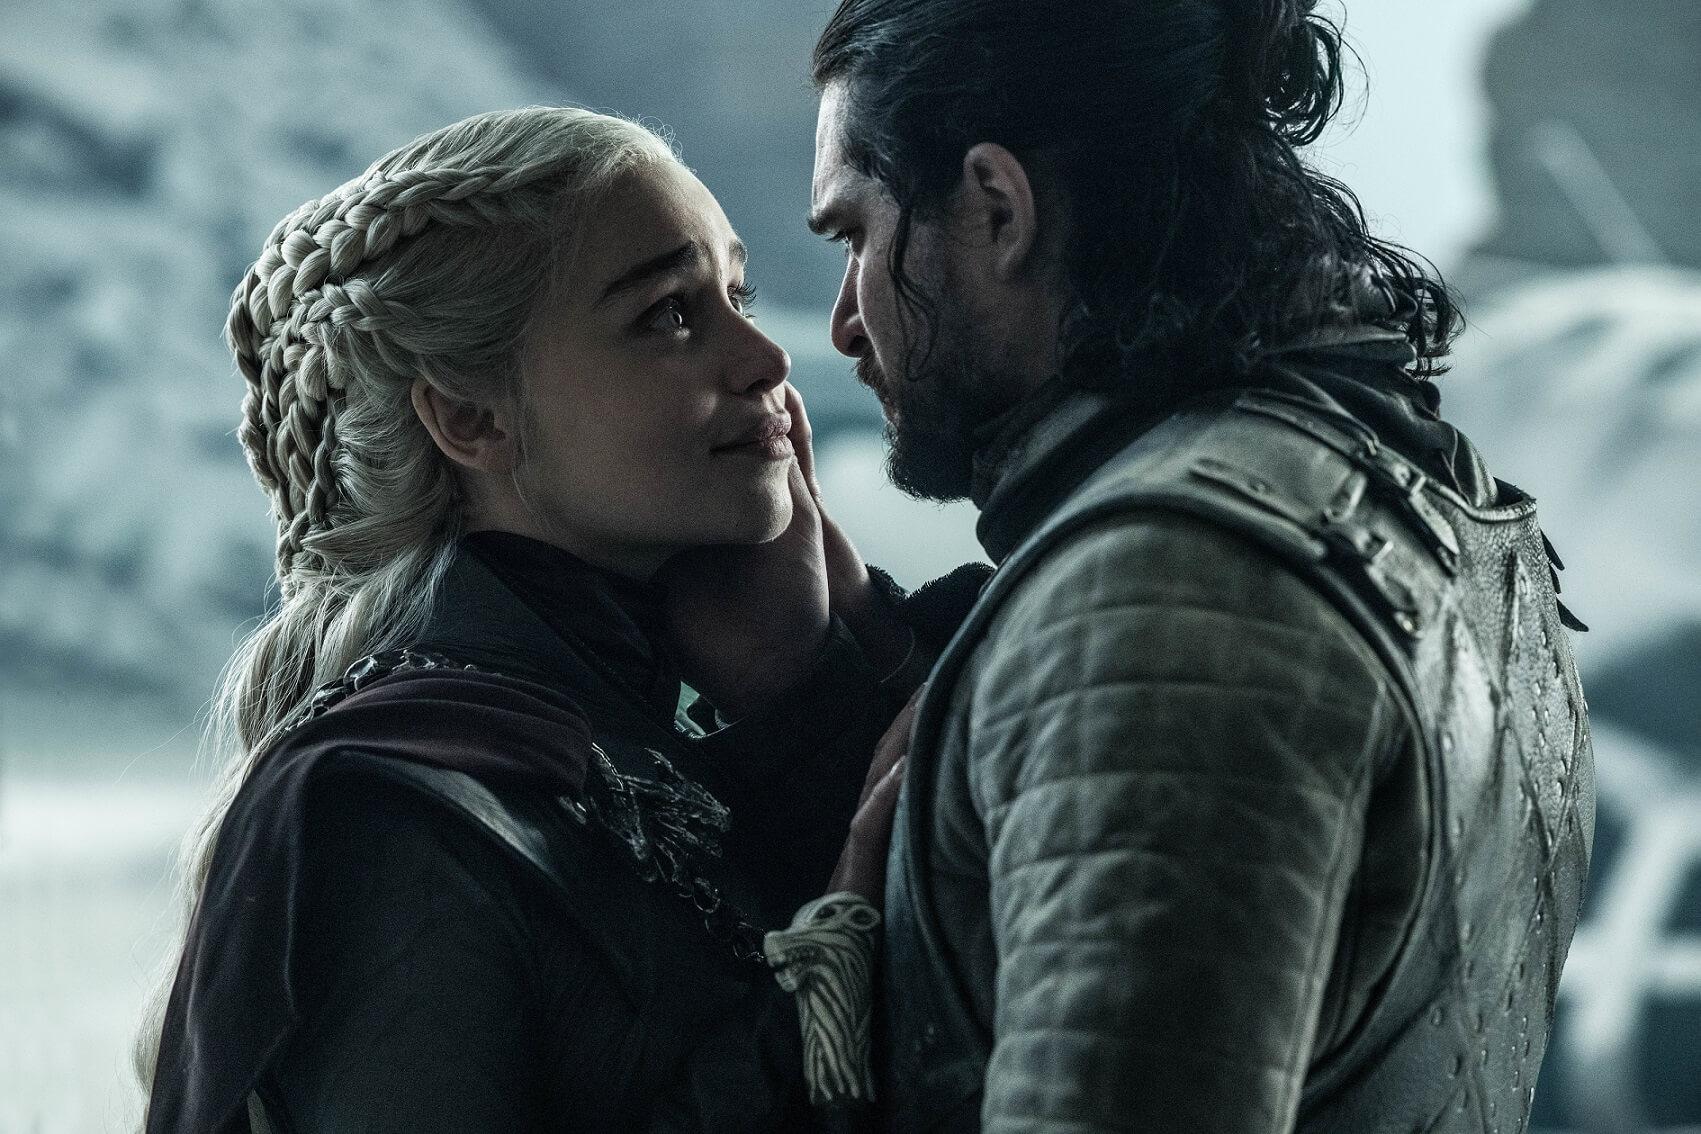 代表冰與火之歌的Jon Snow 和Daenerys